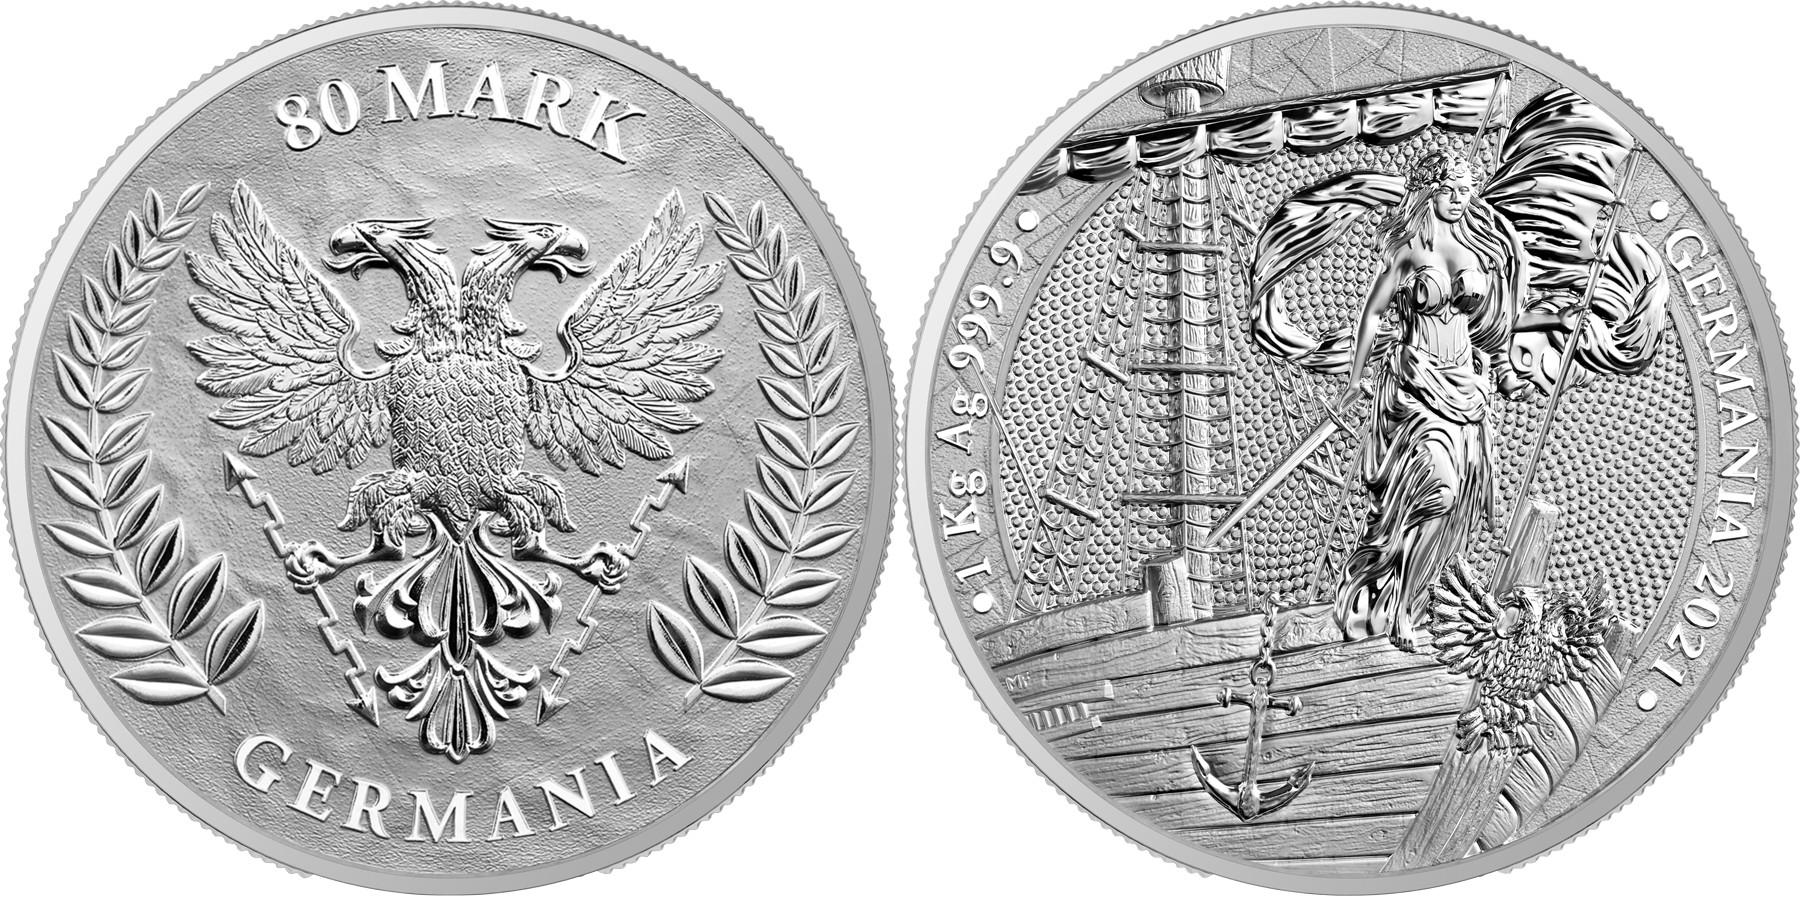 germanie-2021-germania-1-kg-bu